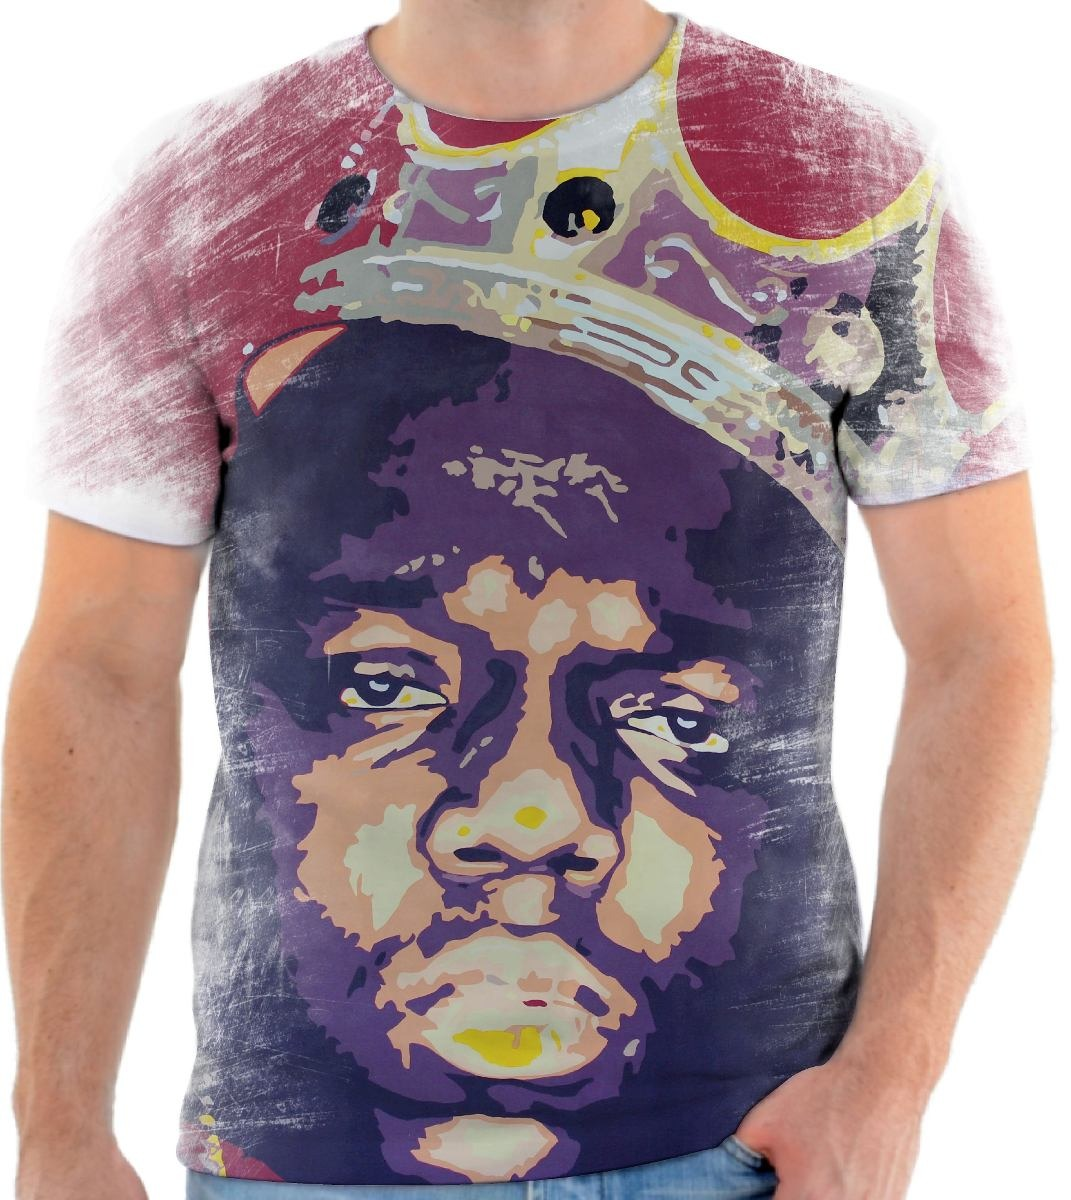 Camiseta Camisa Personalizada Rapper Notorious Big 7 - R  44 4a253353c701f